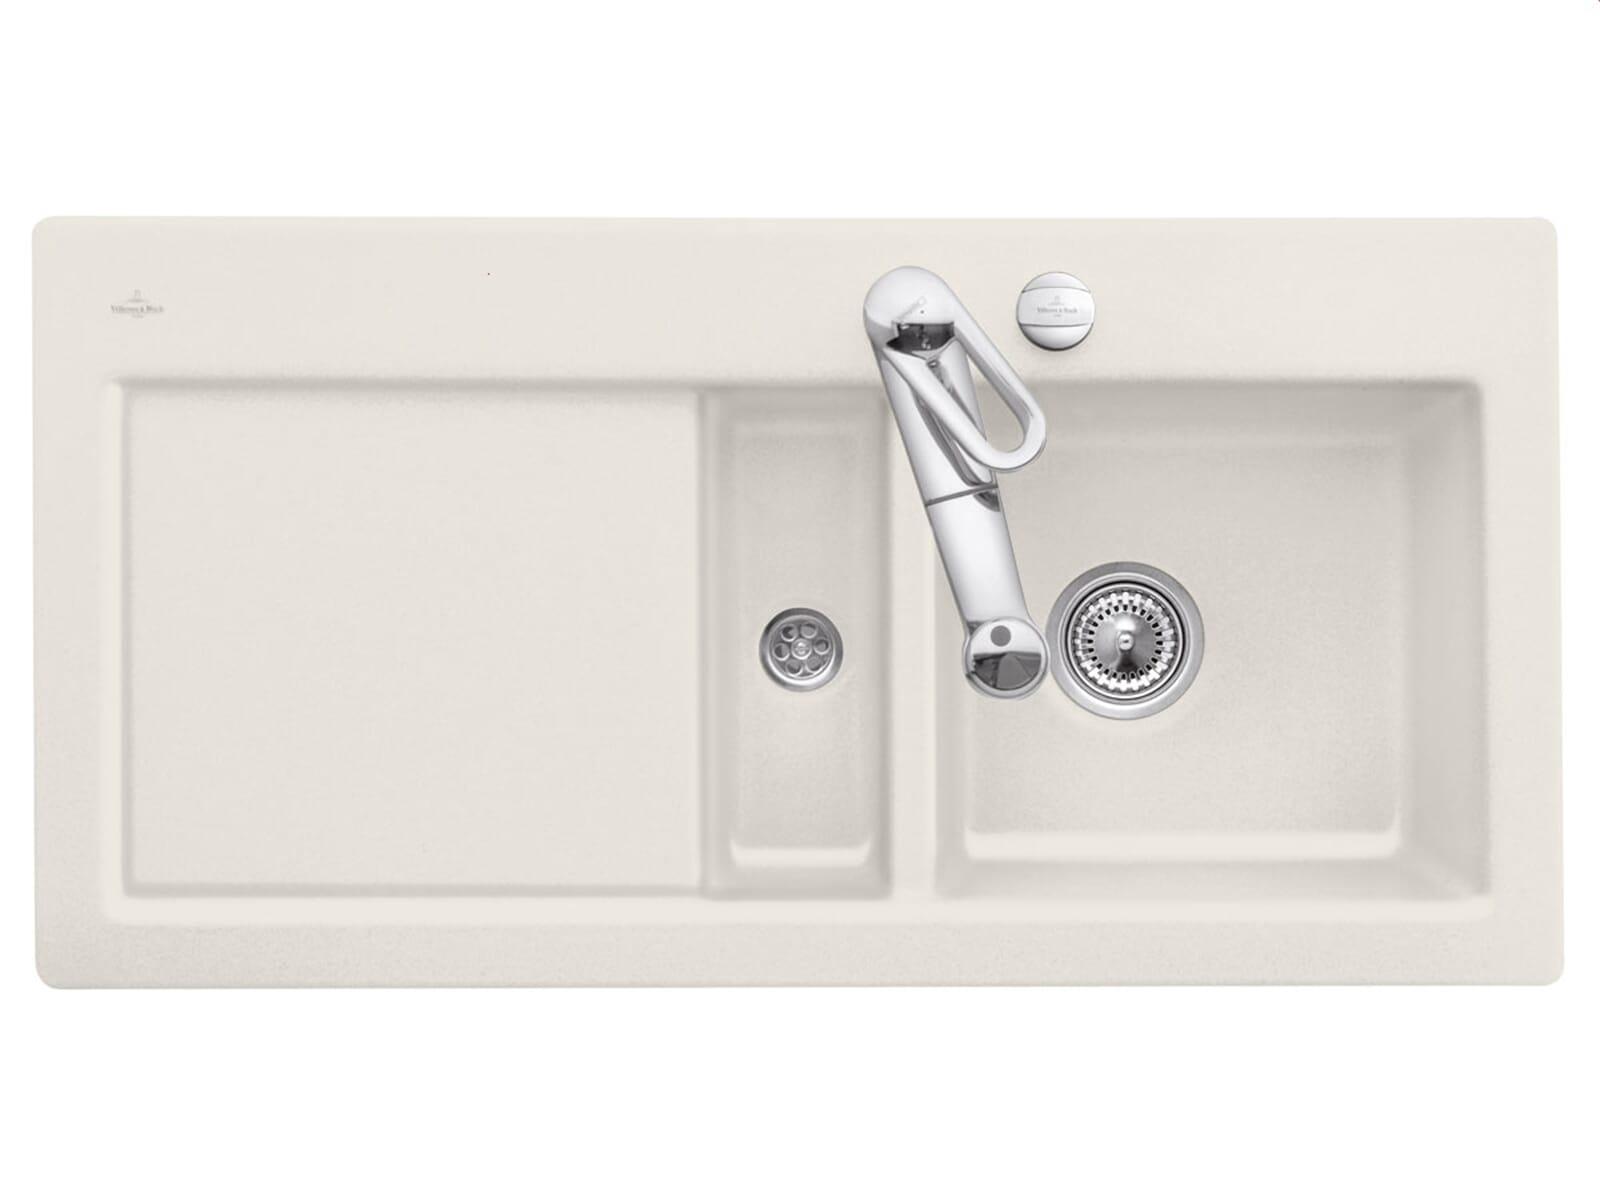 villeroy boch subway 60 crema 6712 02 kr keramiksp le. Black Bedroom Furniture Sets. Home Design Ideas